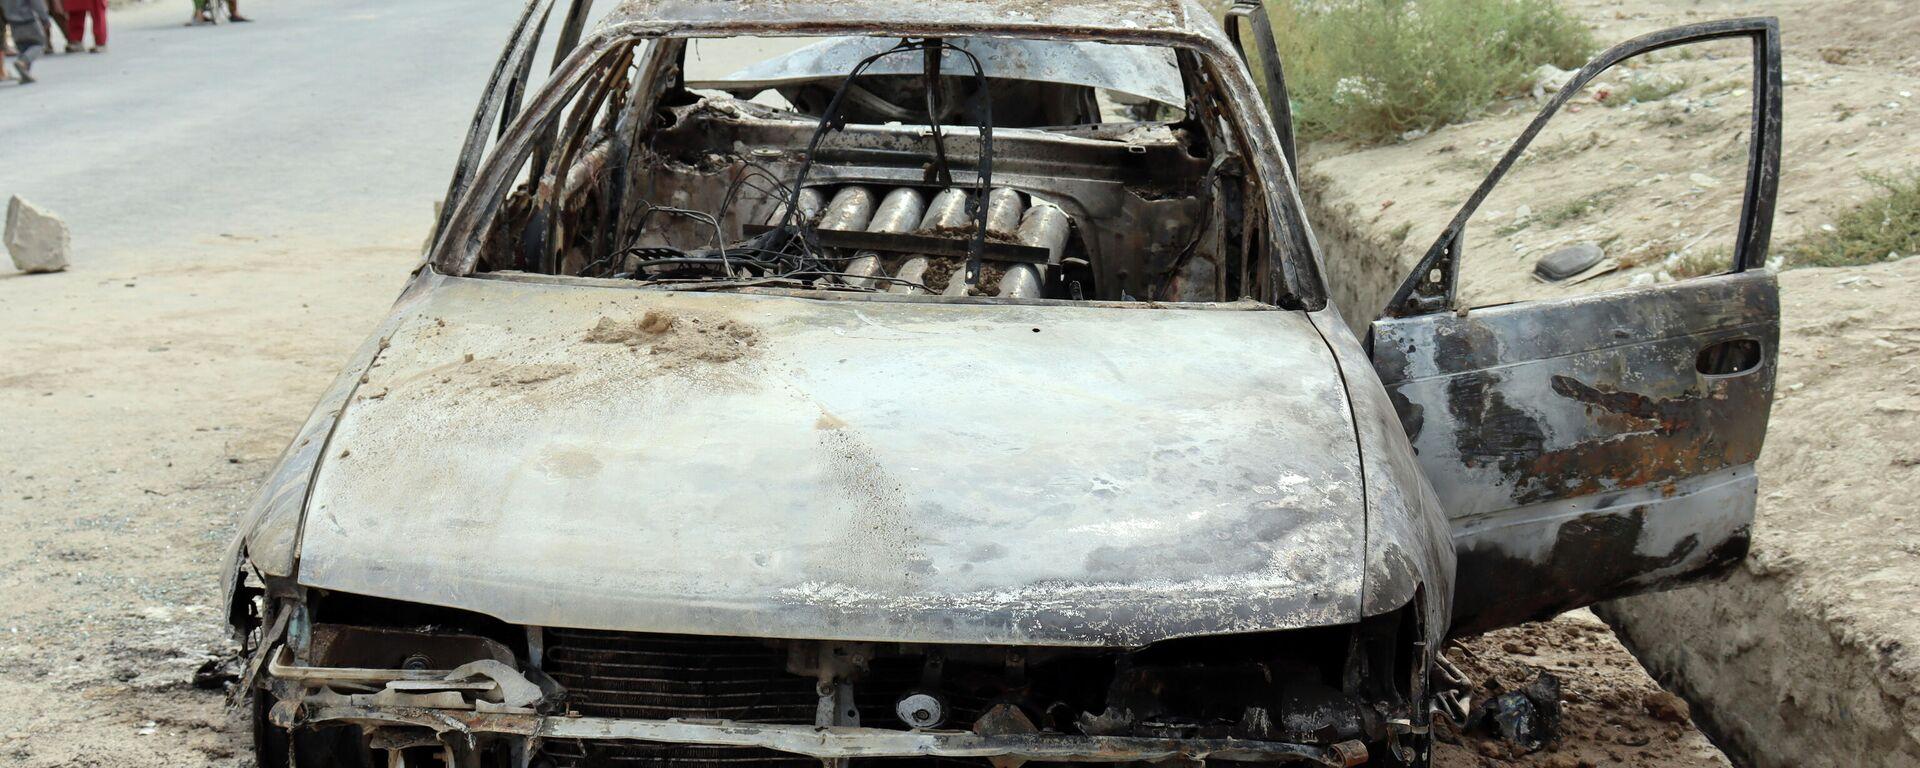 Взорванный автомобиль в Кабуле - Sputnik Ўзбекистон, 1920, 31.08.2021